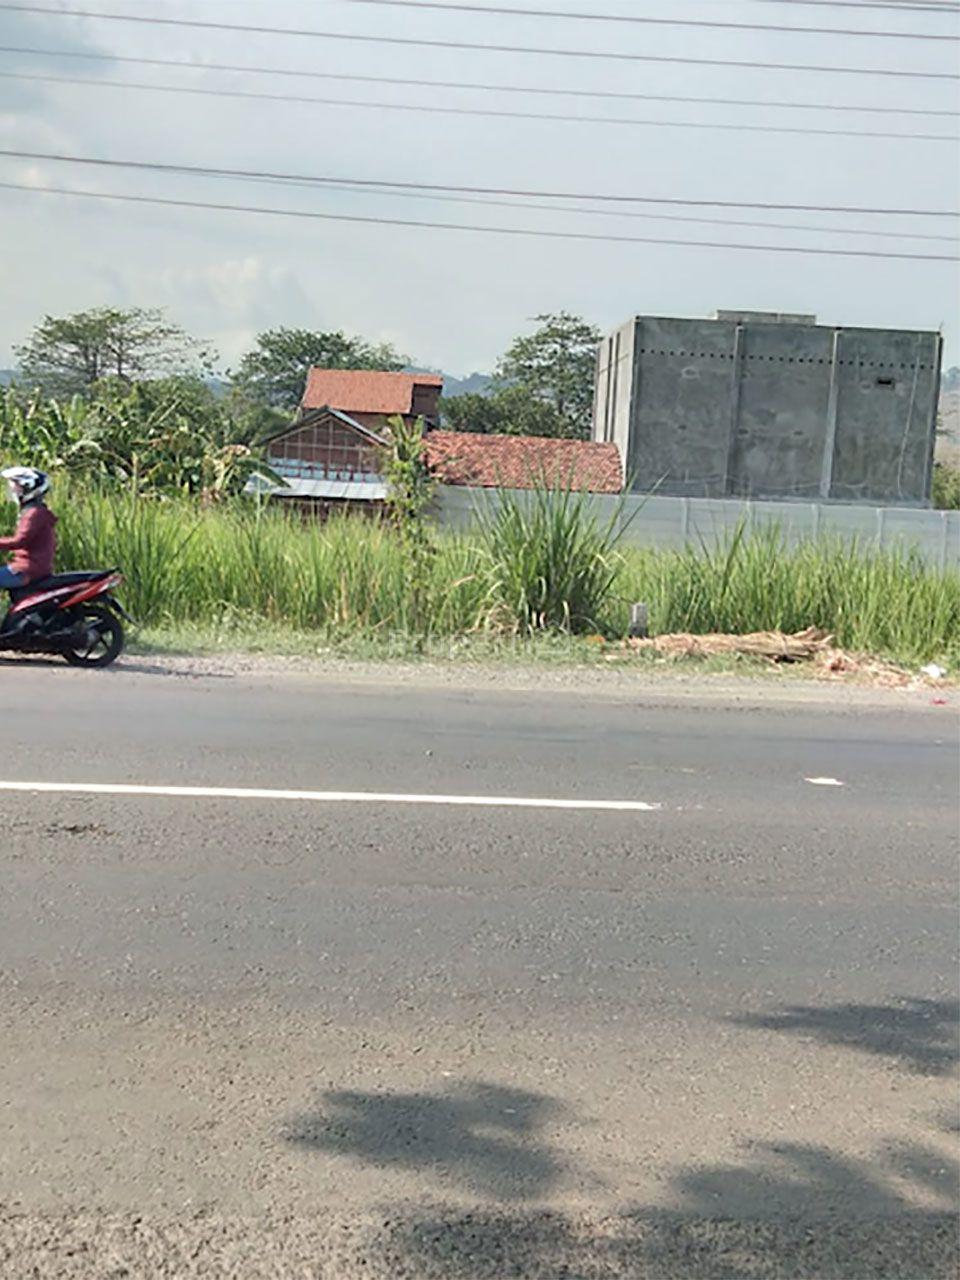 Industrial or Residential Land in Terban, Kudus, Jawa Tengah